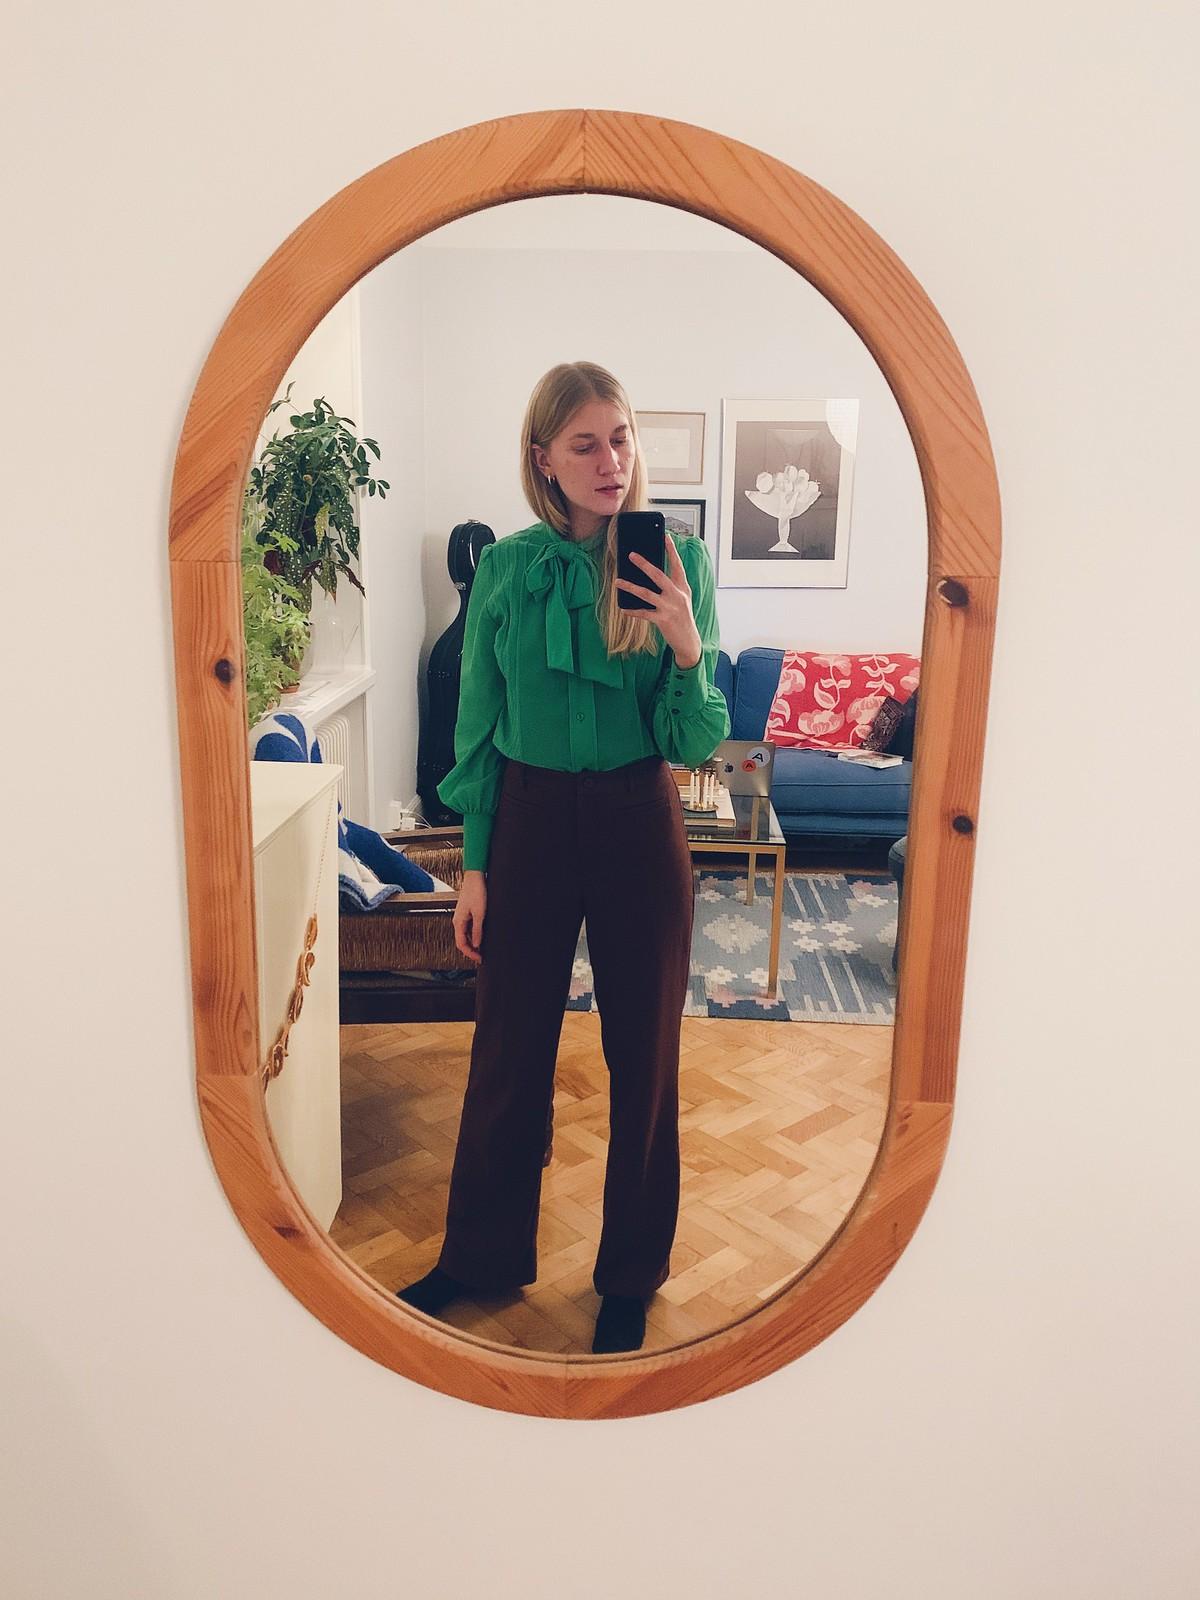 brun & grön